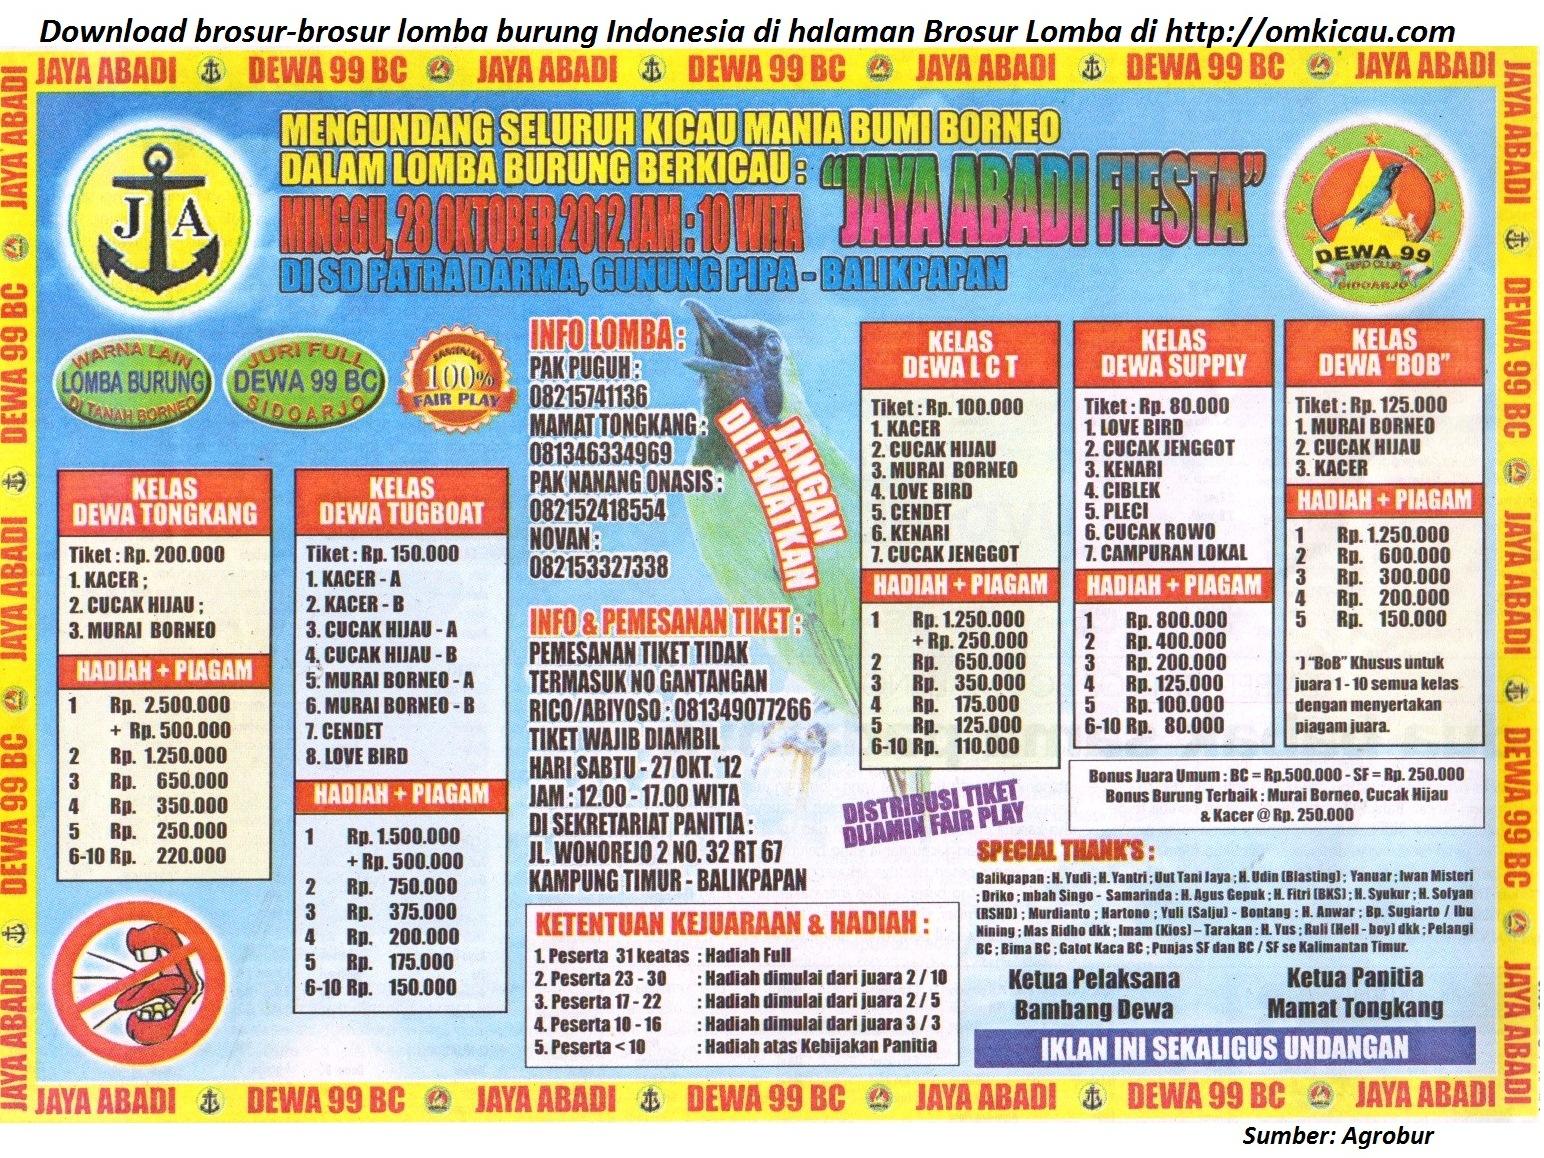 Lomba Burung Jaya Abadi Fiesta Balikpapan 28 Oktober 2012